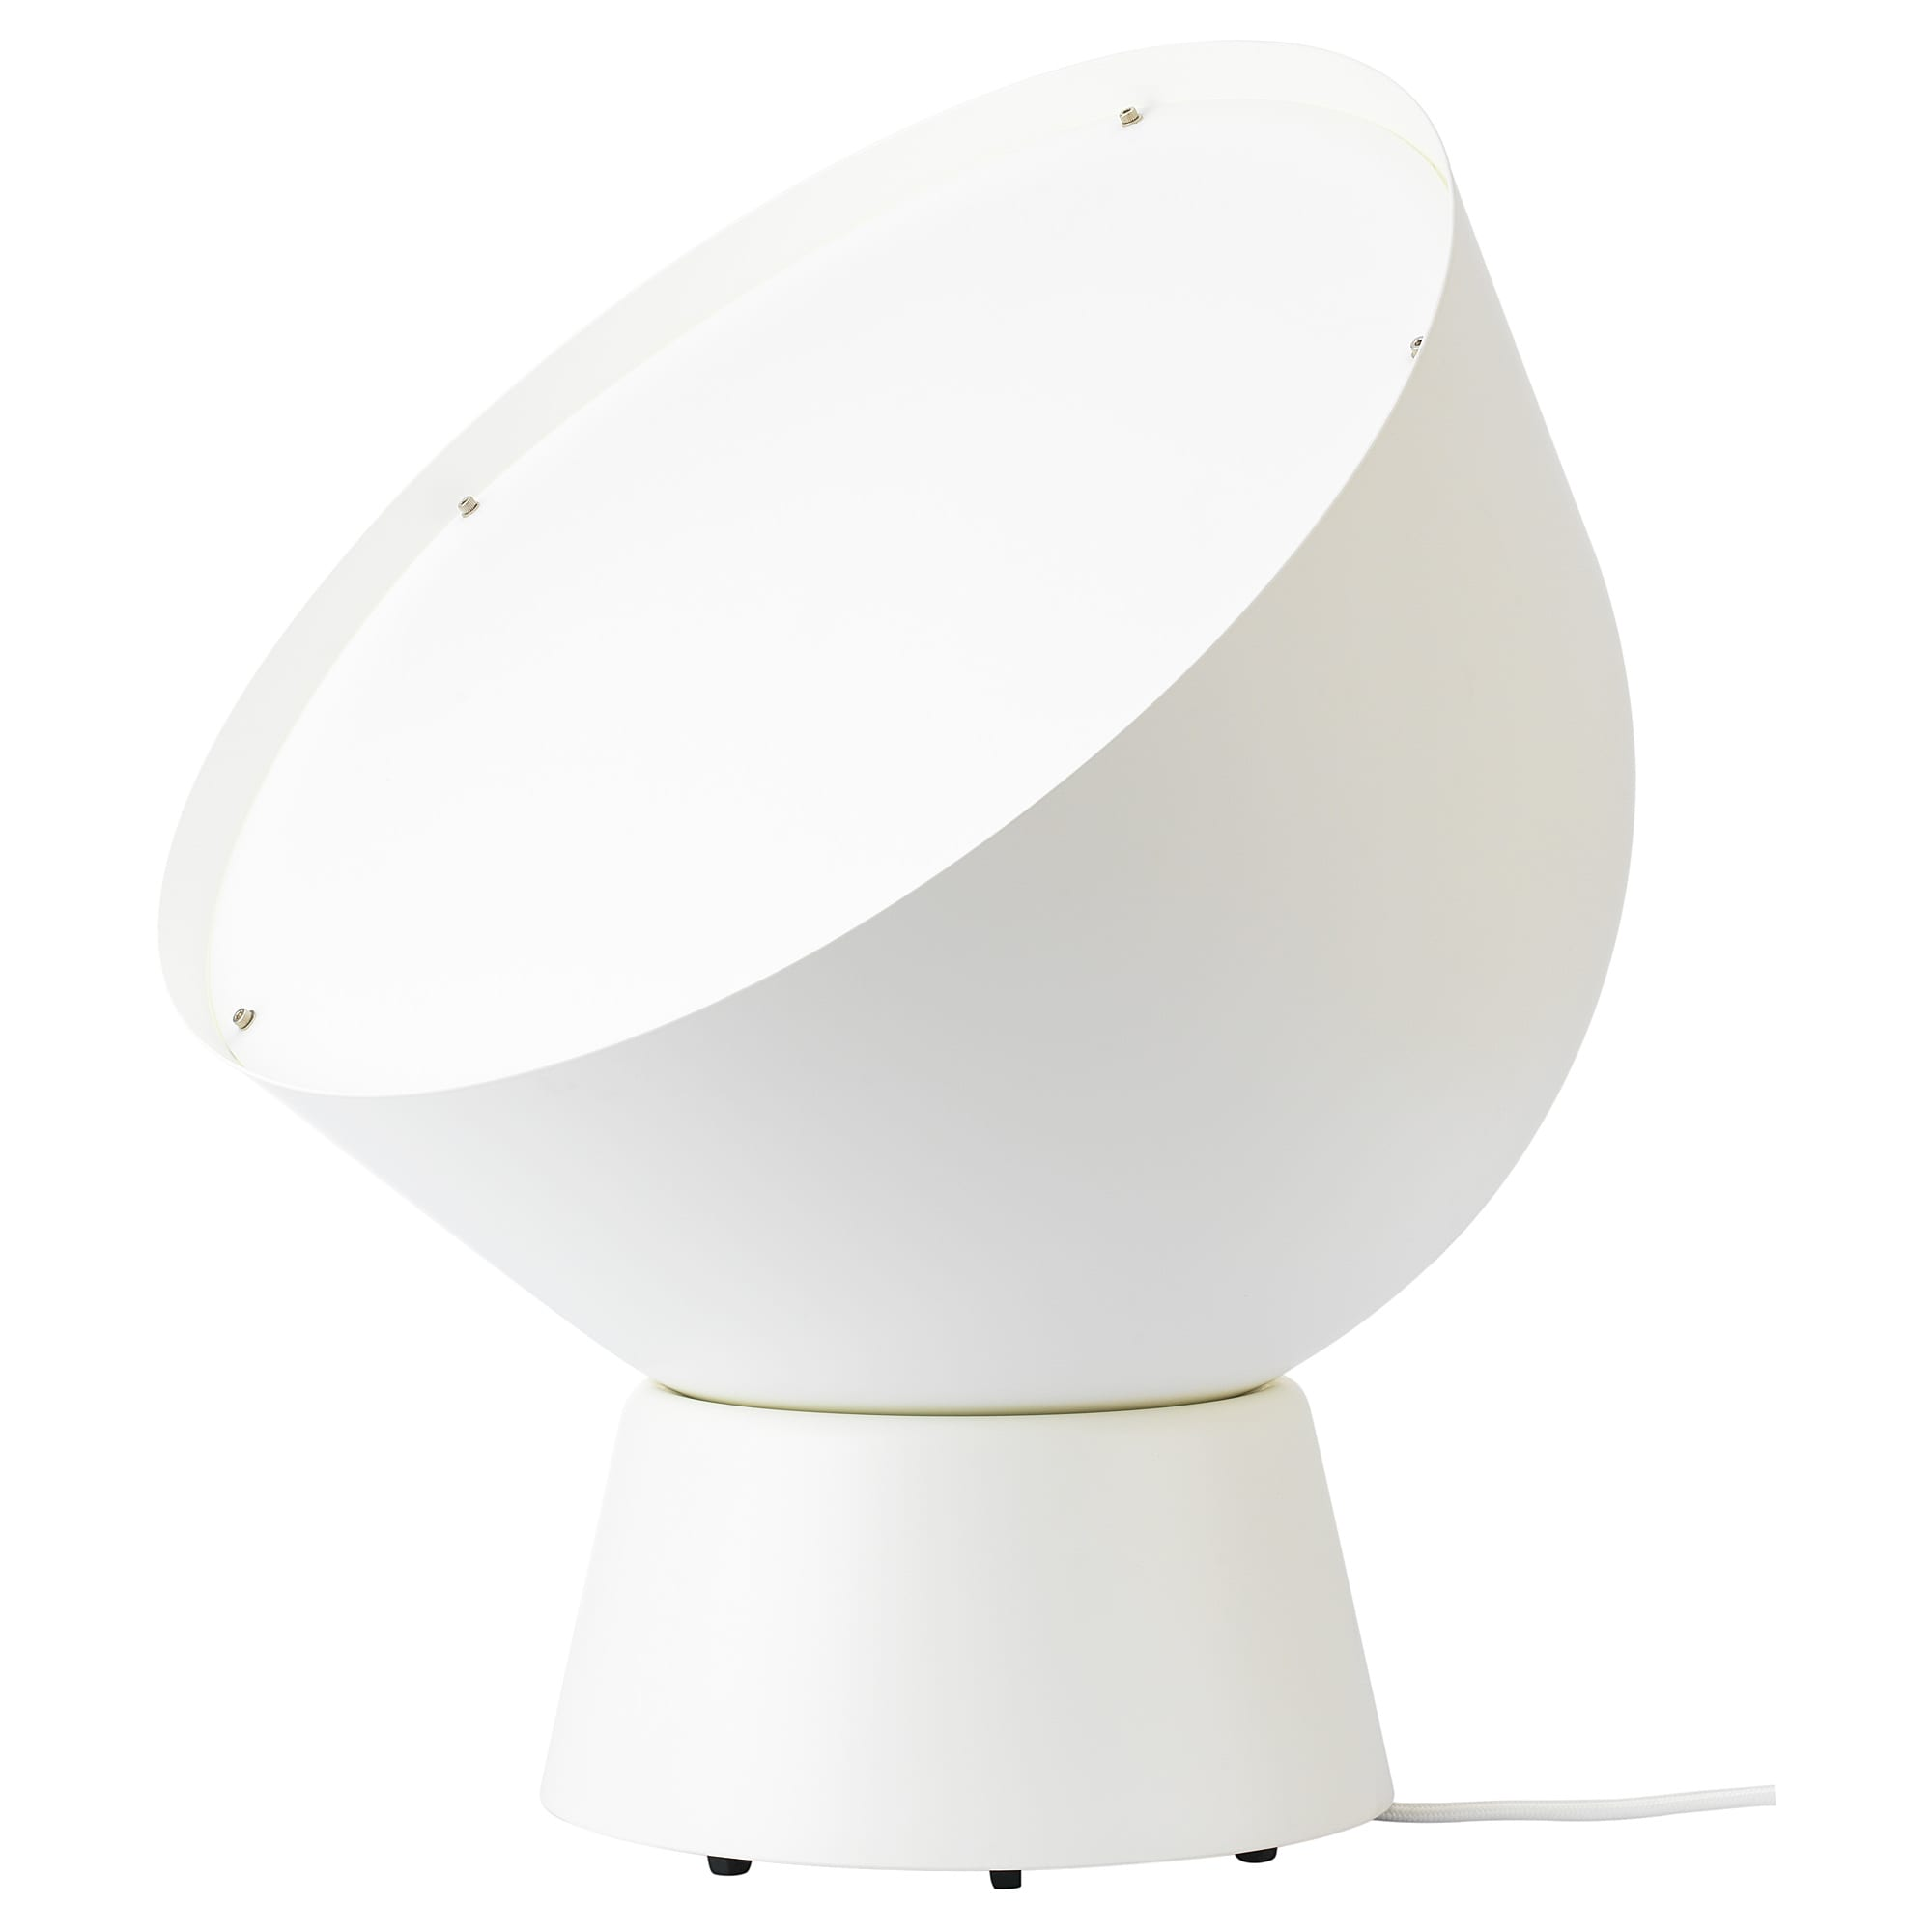 Full Size of Ikea Stehlampen Standleuchten Online Kaufen Mbel Suchmaschine Ladendirektde Wohnzimmer Modulküche Miniküche Betten Bei Küche Kosten Sofa Mit Schlaffunktion Wohnzimmer Ikea Stehlampen